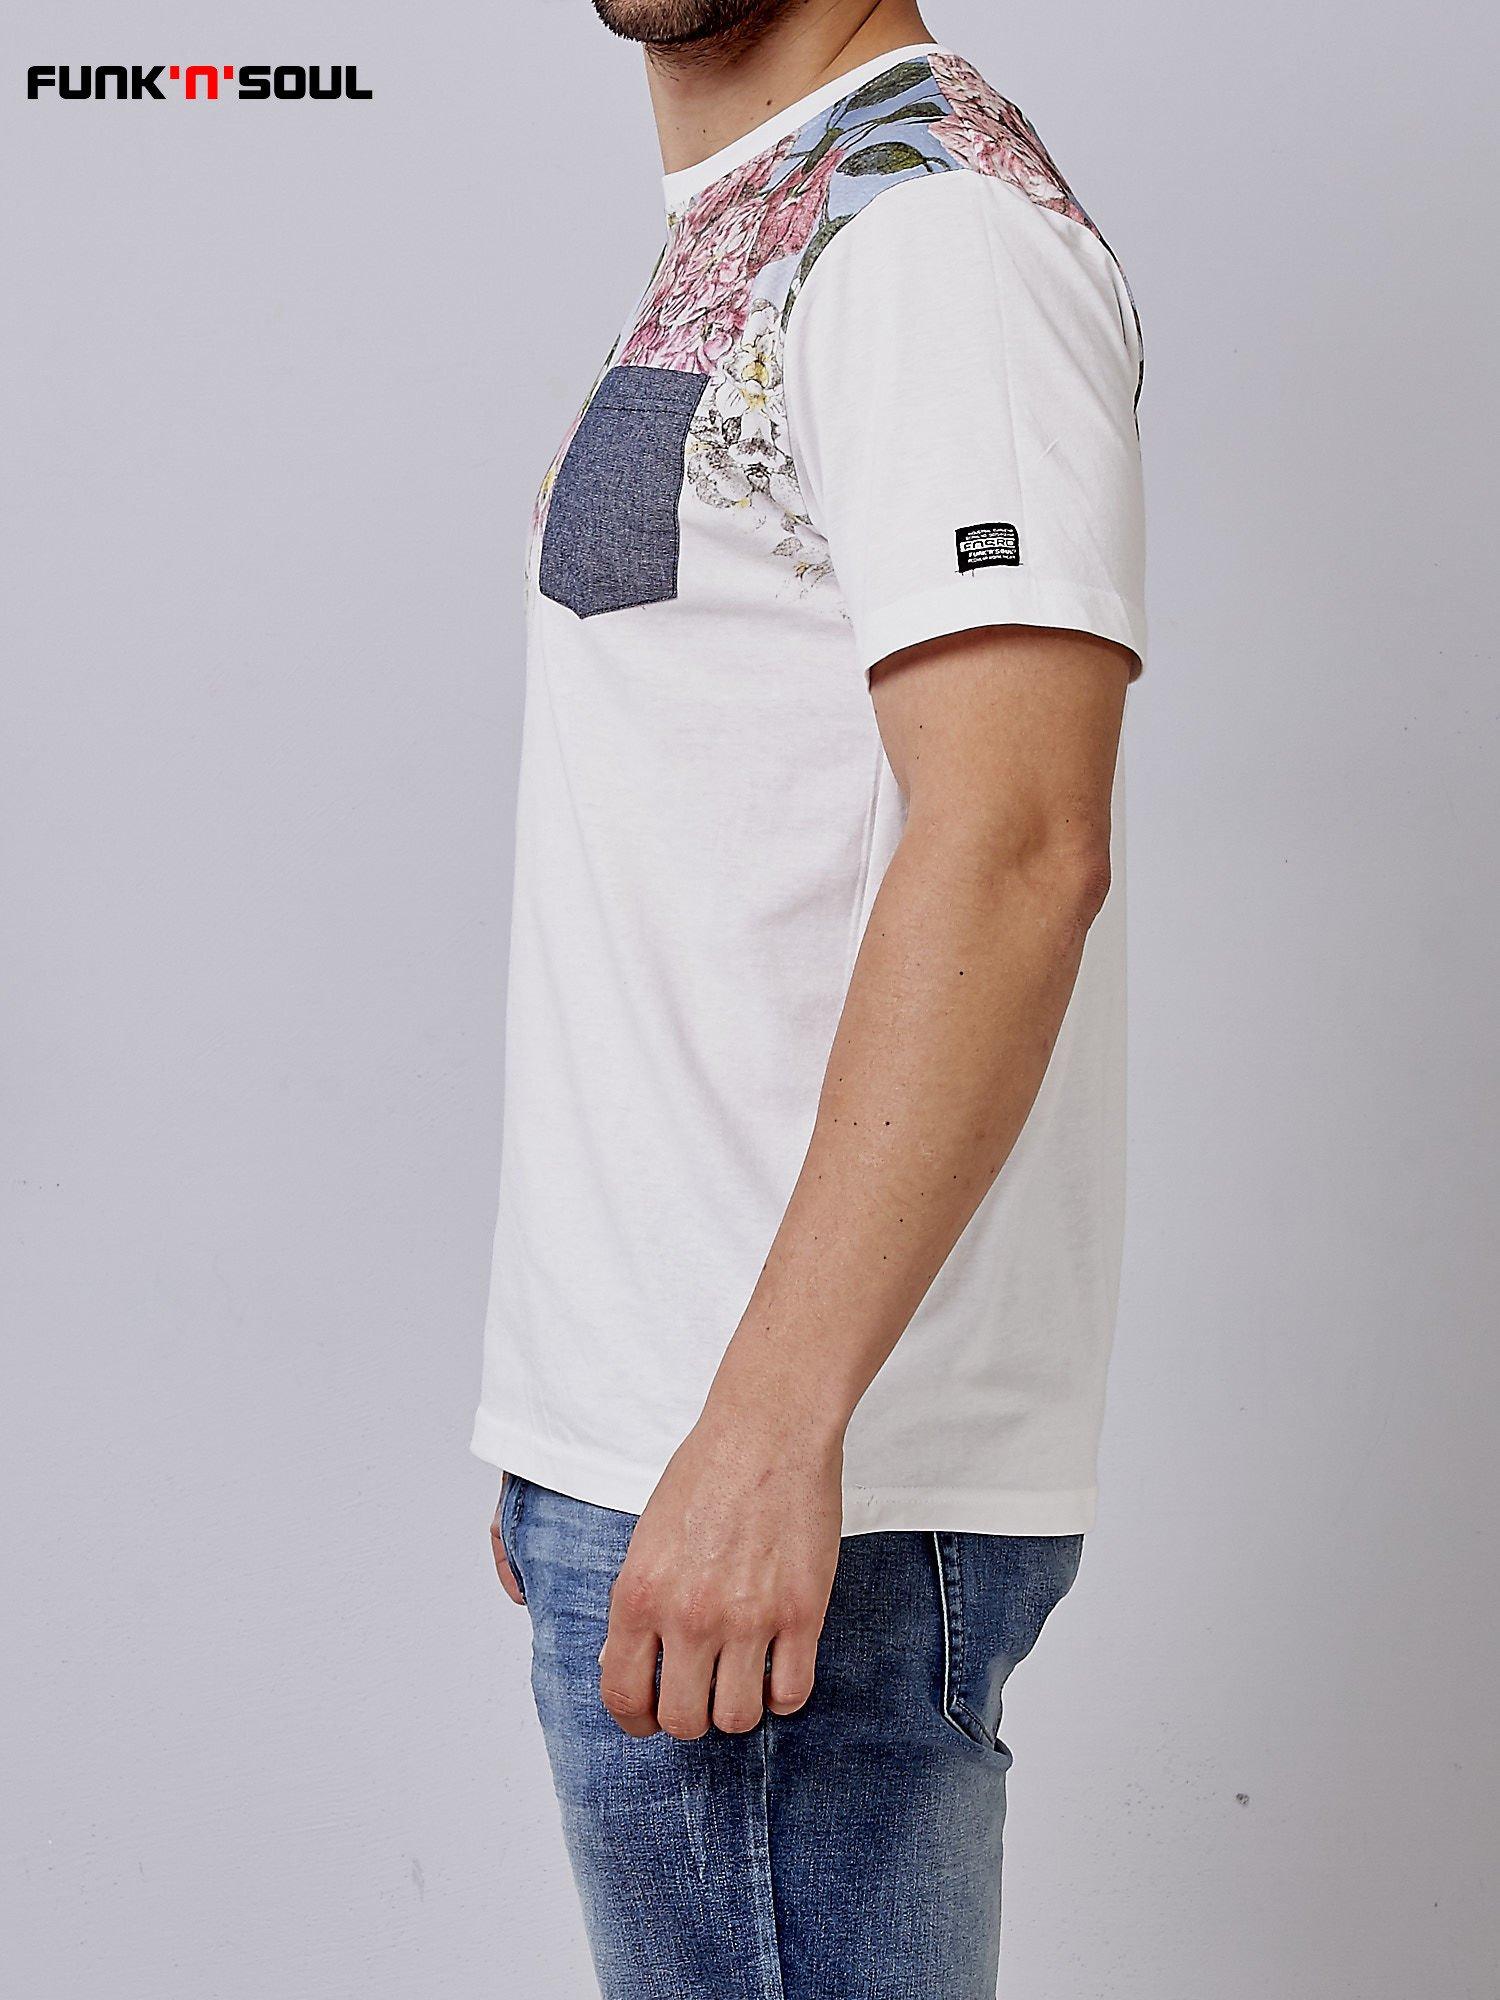 Biały t-shirt męski hipster w kwiaty Funk n Soul                                  zdj.                                  2